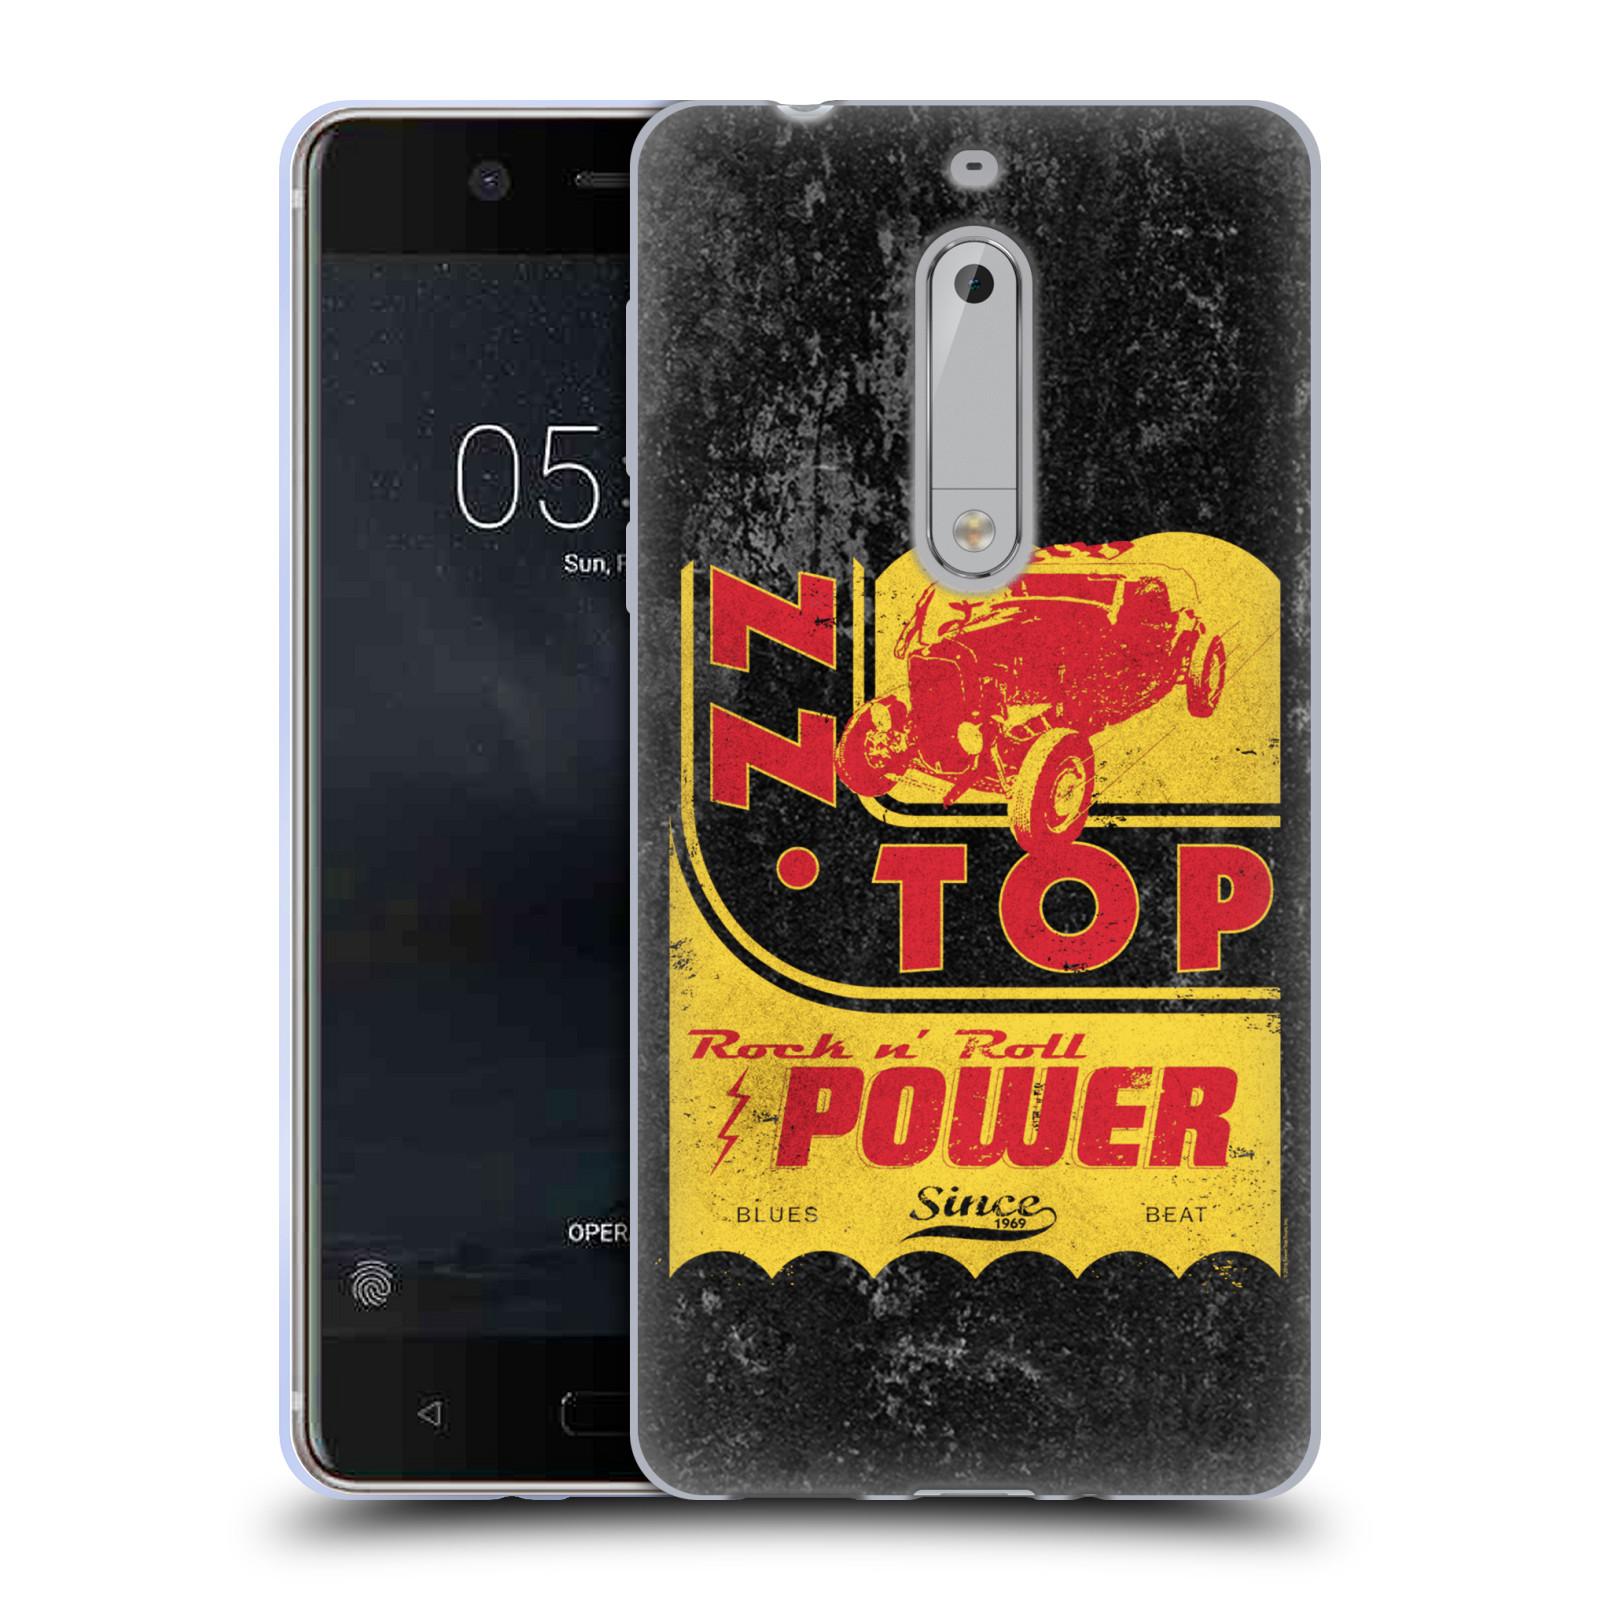 HEAD CASE silikonový obal na mobil Nokia 5 ZZ Top originální obal retro power